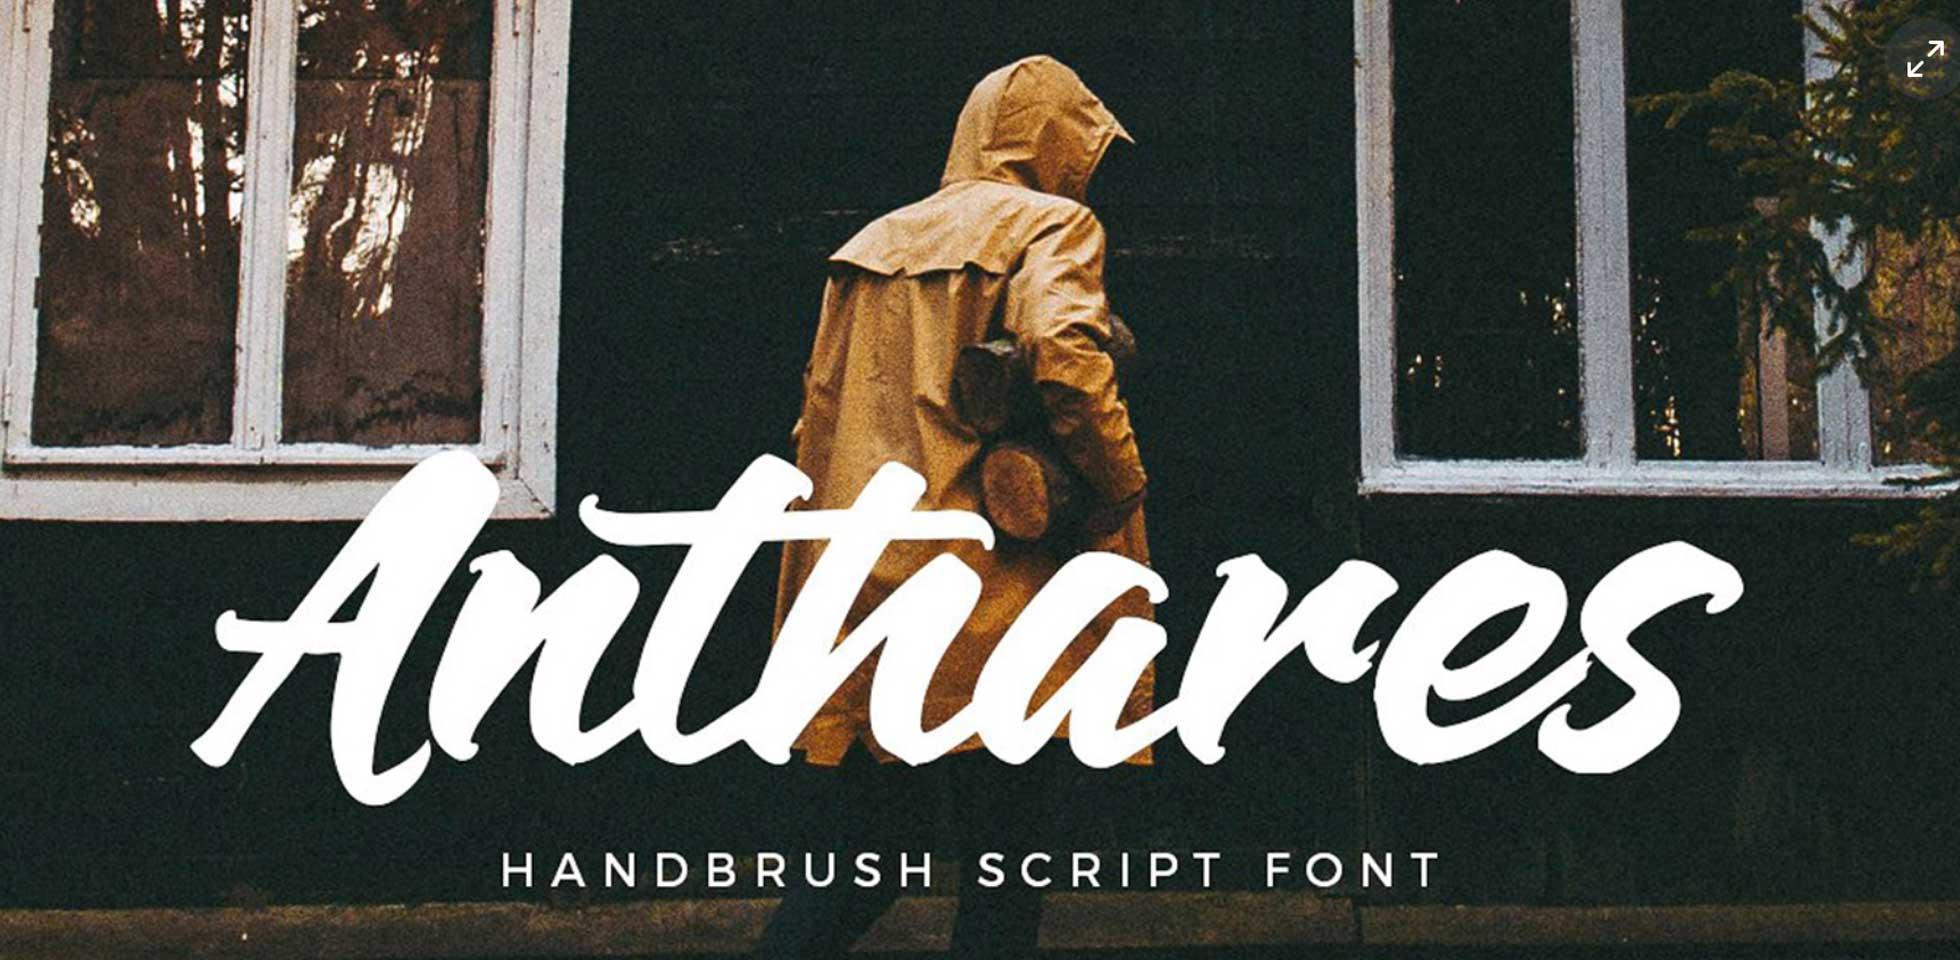 Free Download: Anthares Handbrush Script